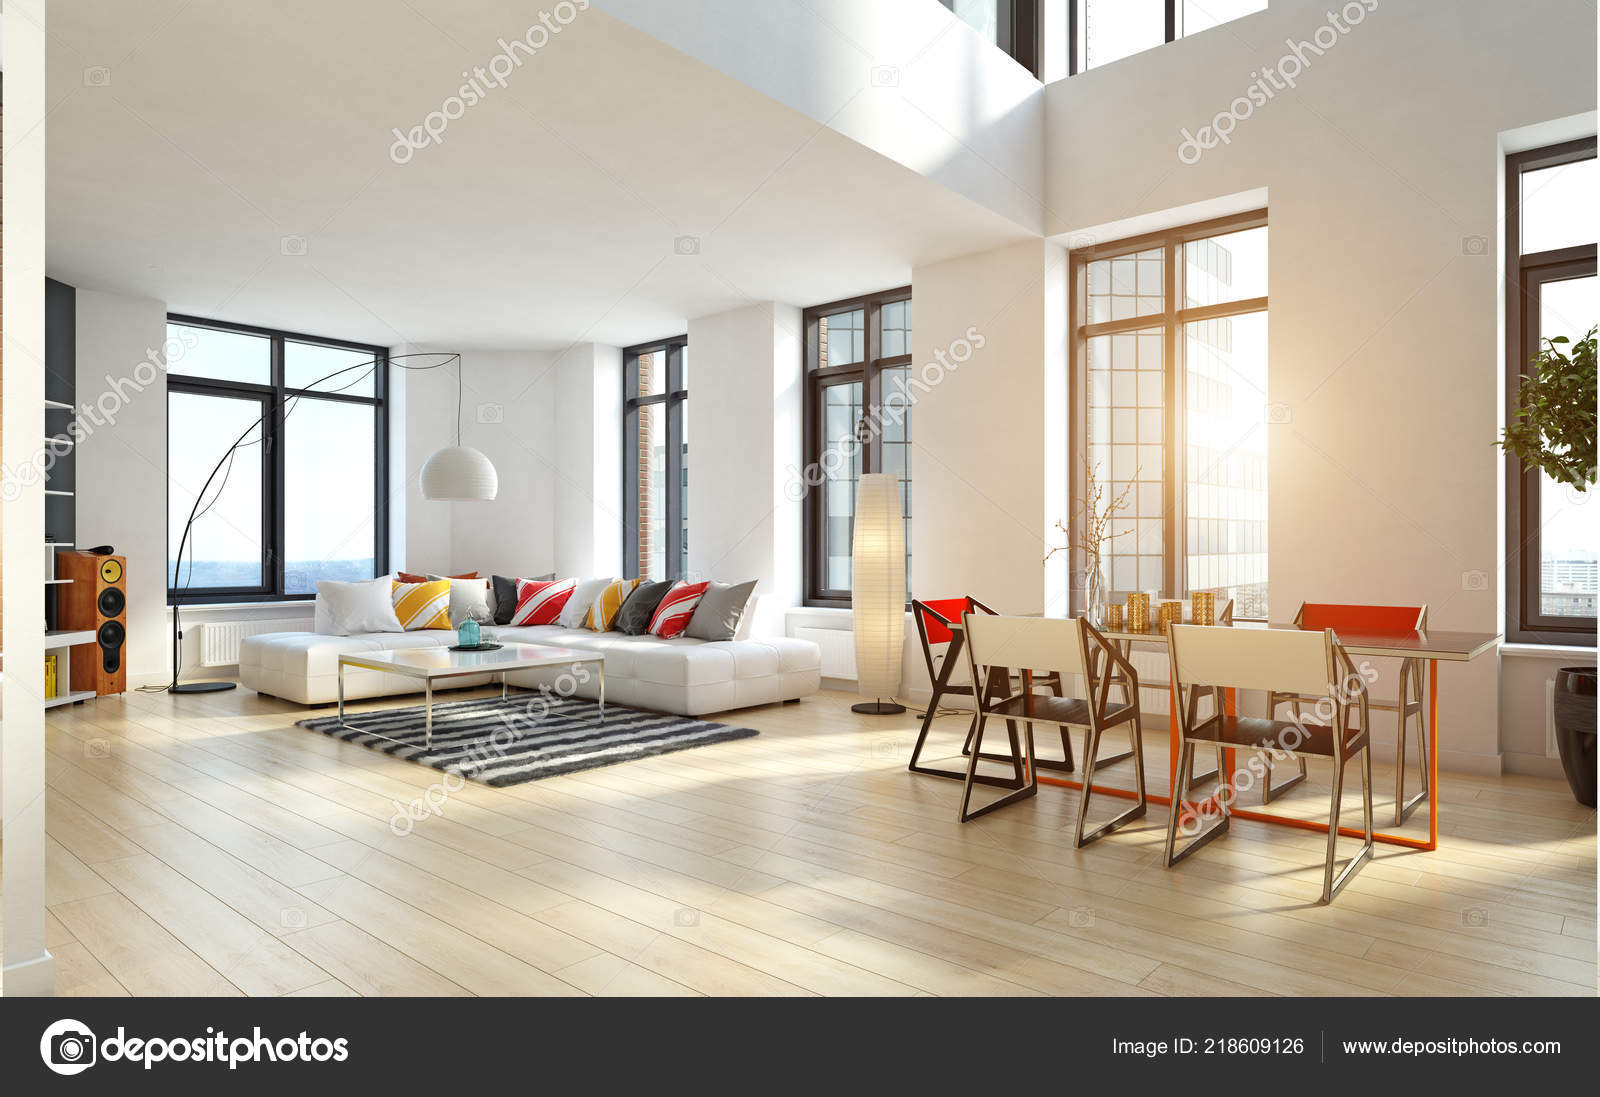 Moderne Ferienwohnung Eingerichtet Rendering Design Konzept ...